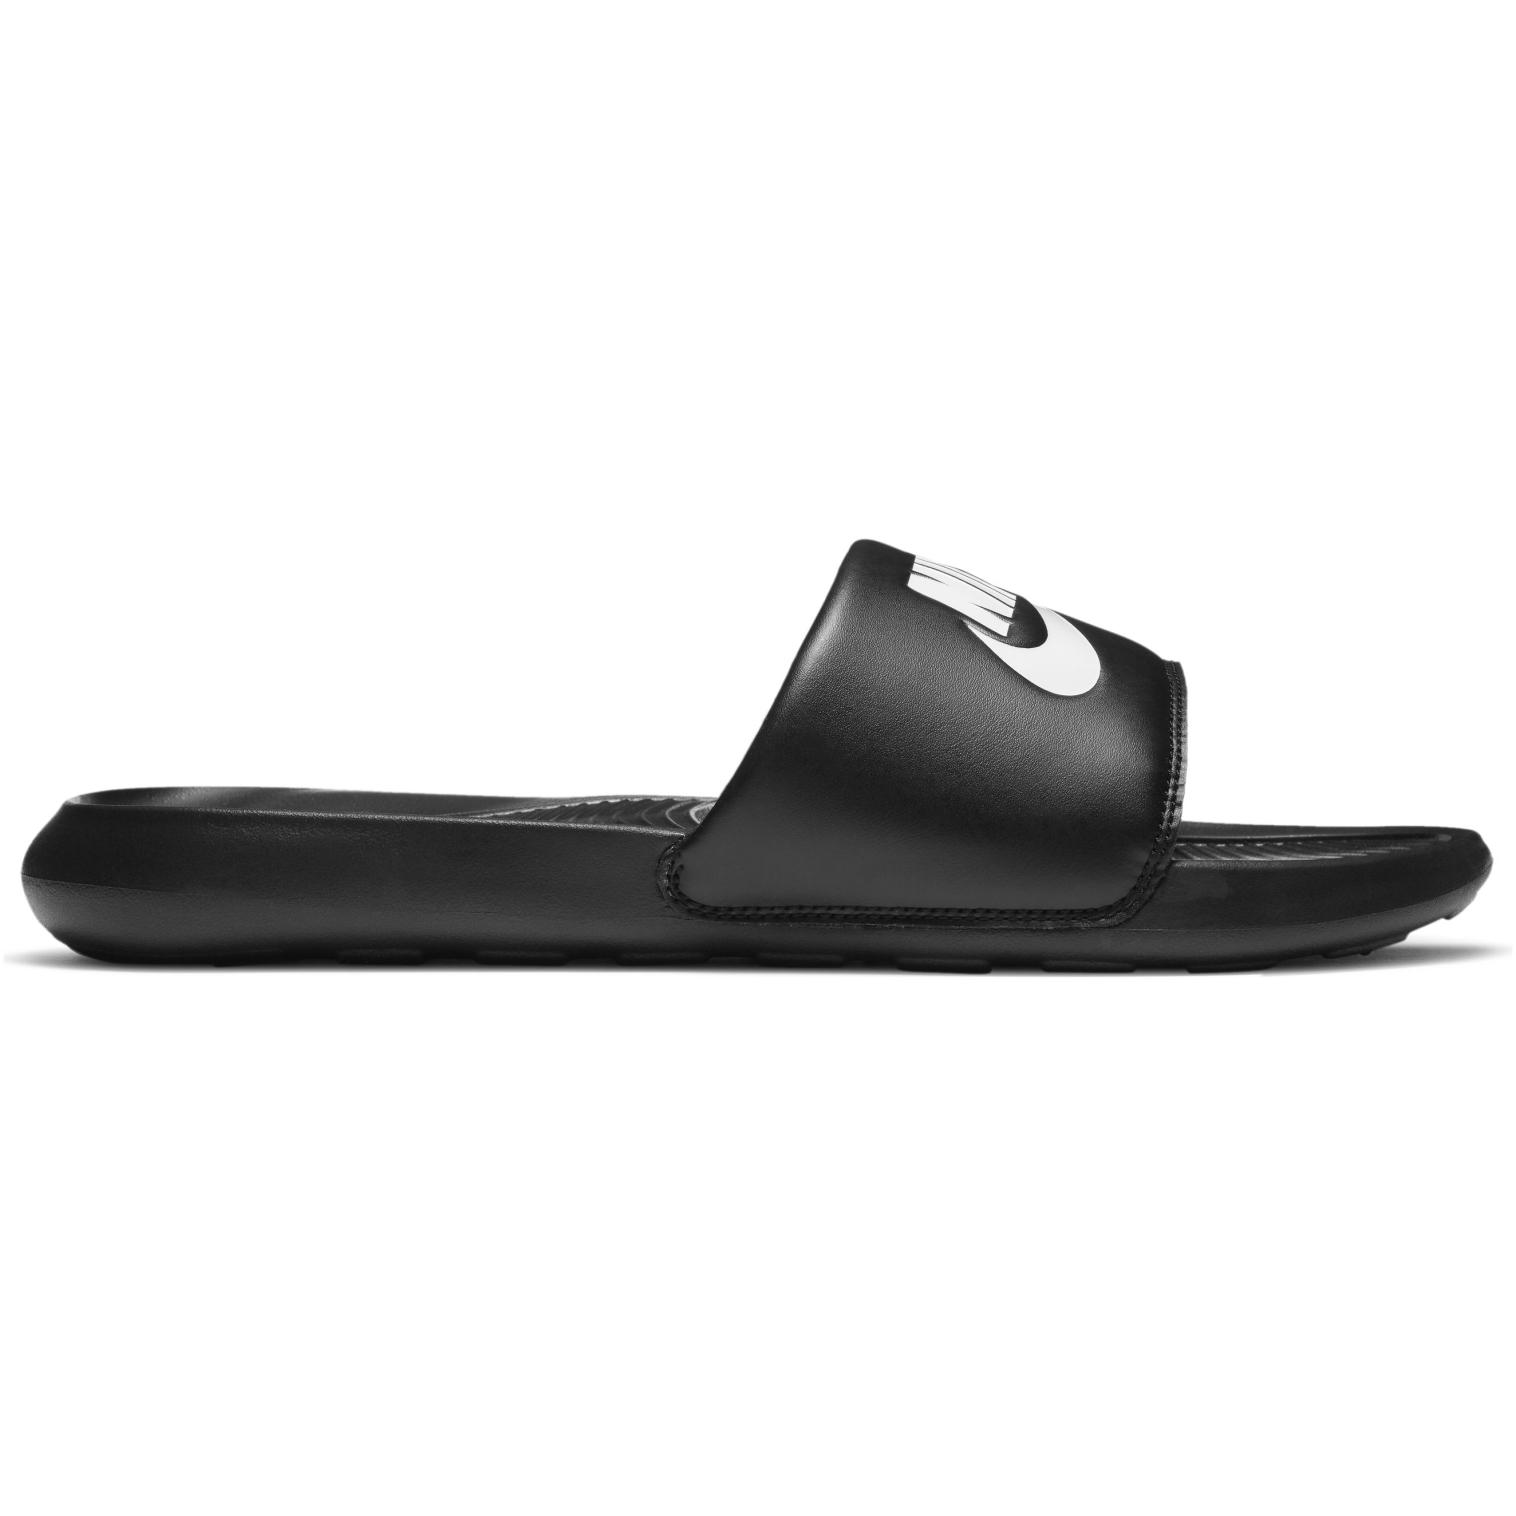 Produktbild von Nike Victori One Slide Herren Badeschuhe - black/white-black CN9675-002